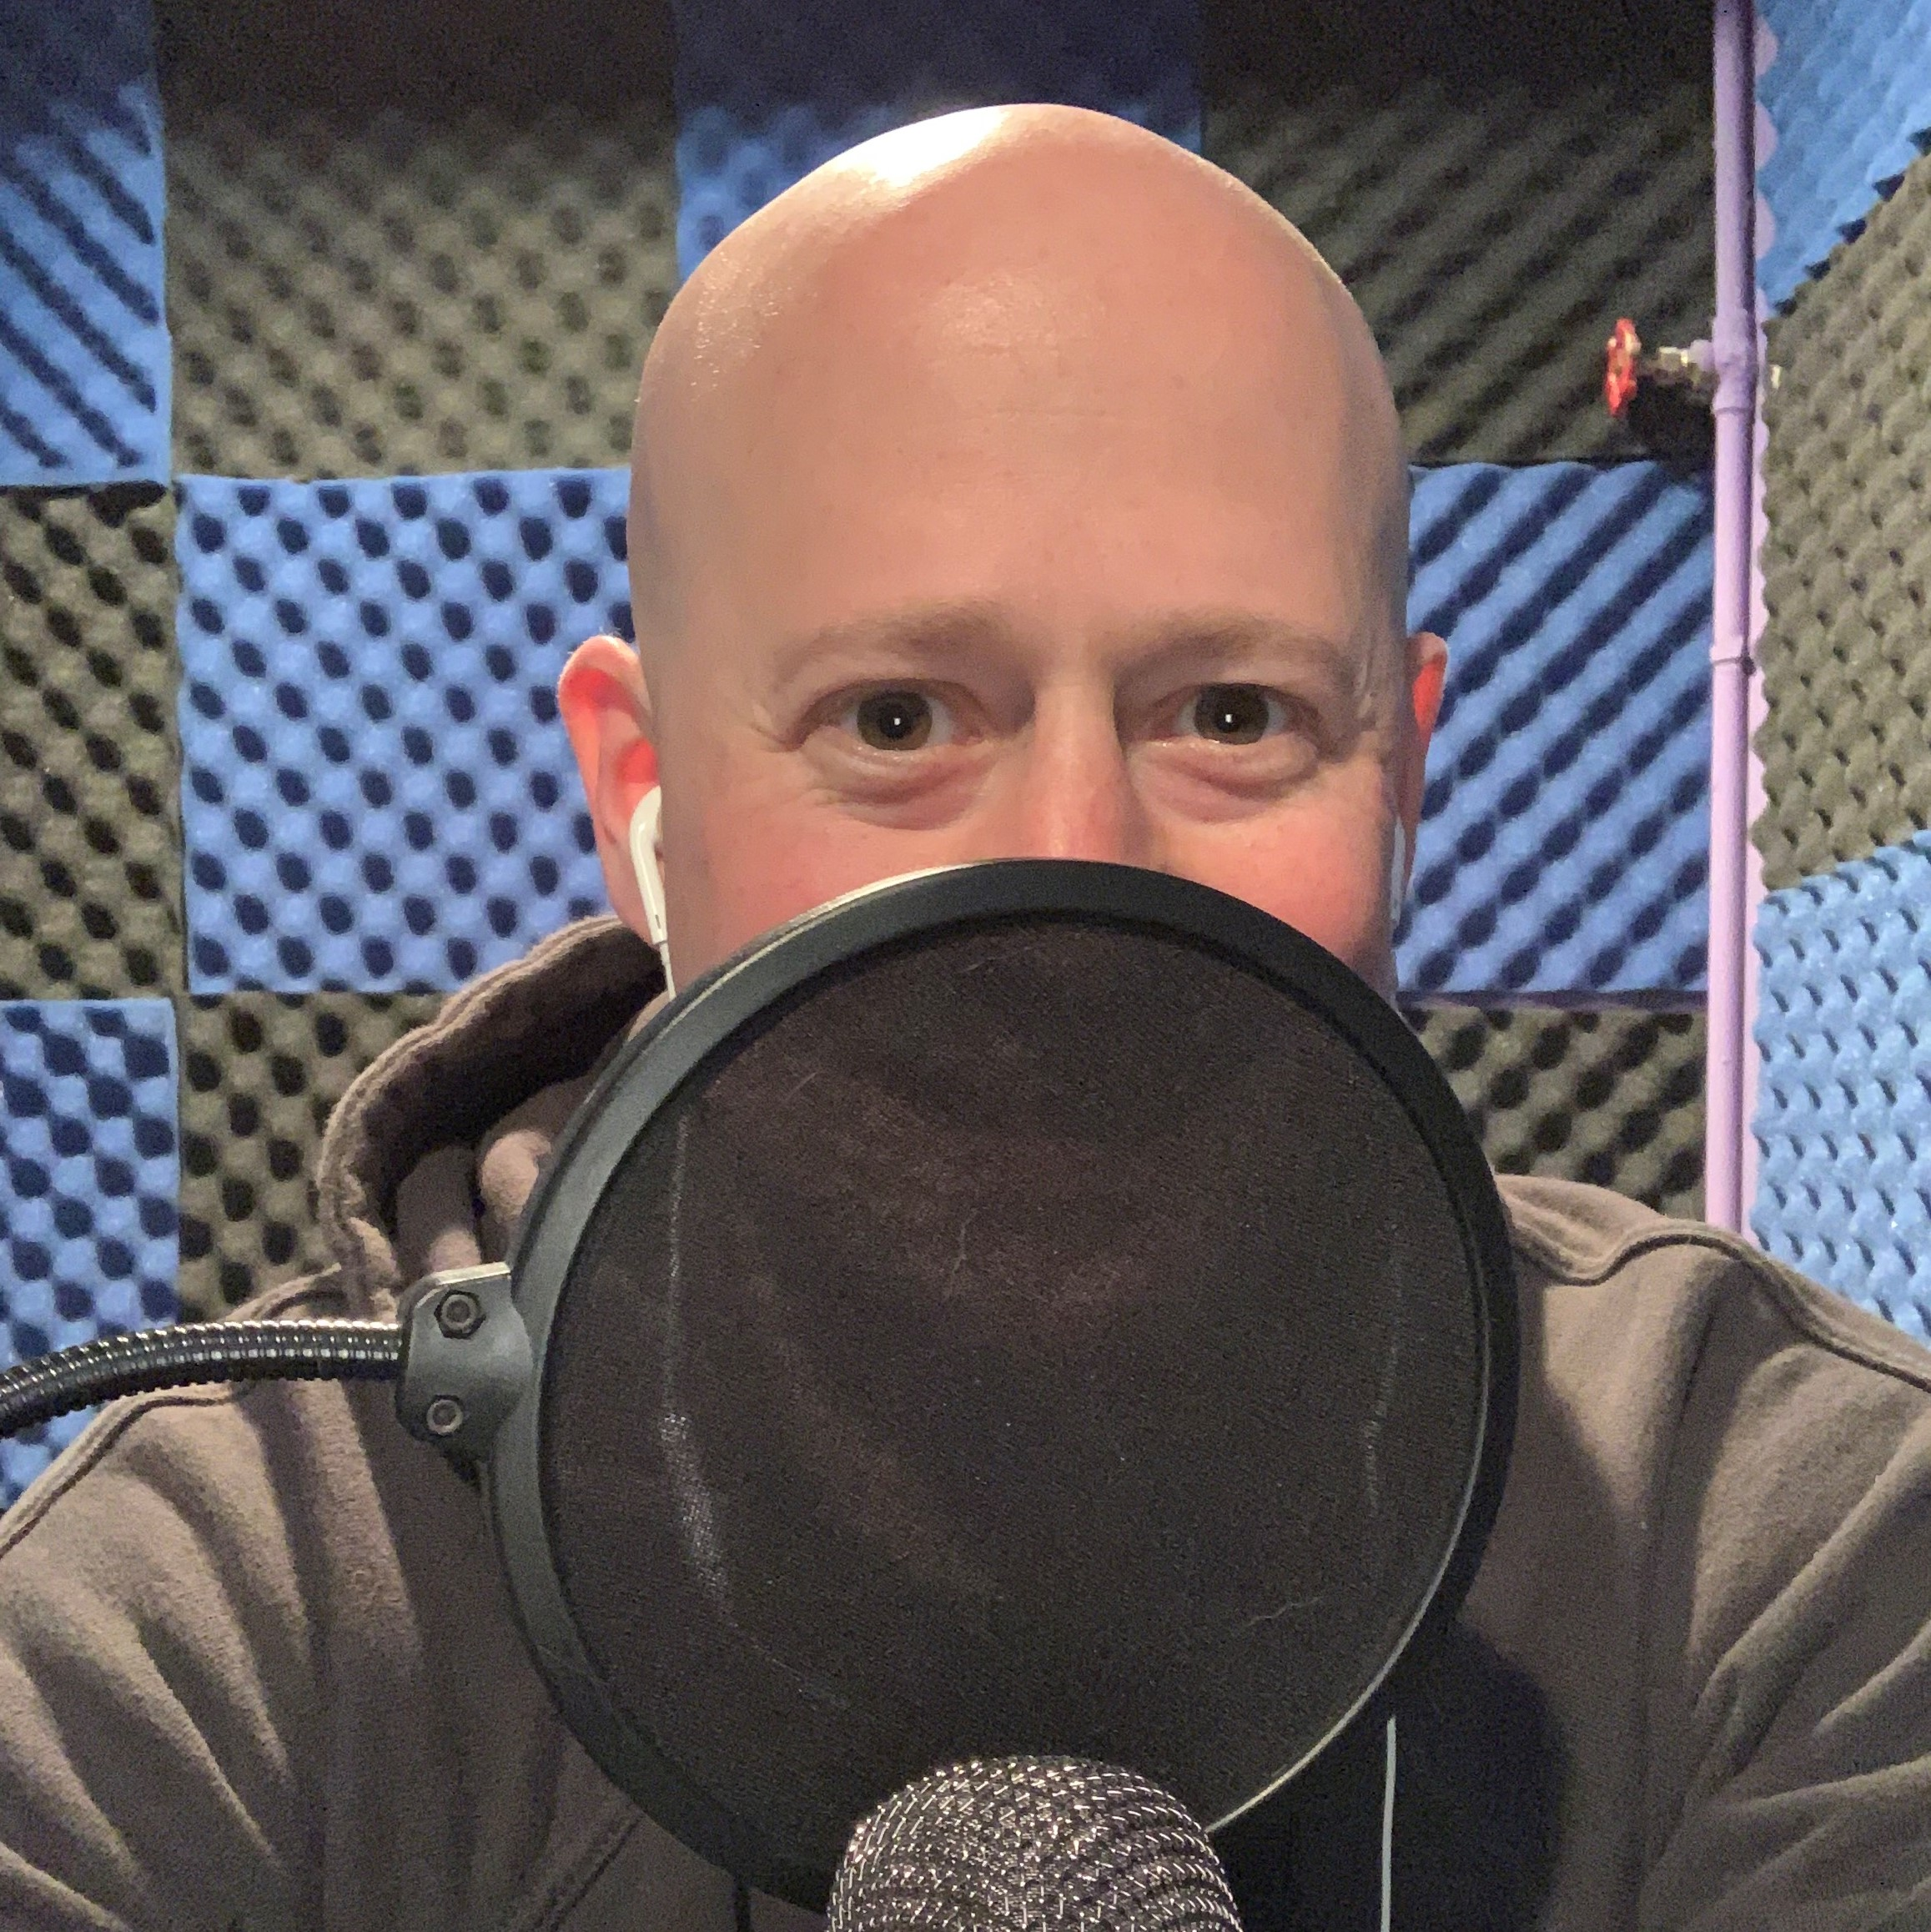 Jag in Detroit Podcast Studio